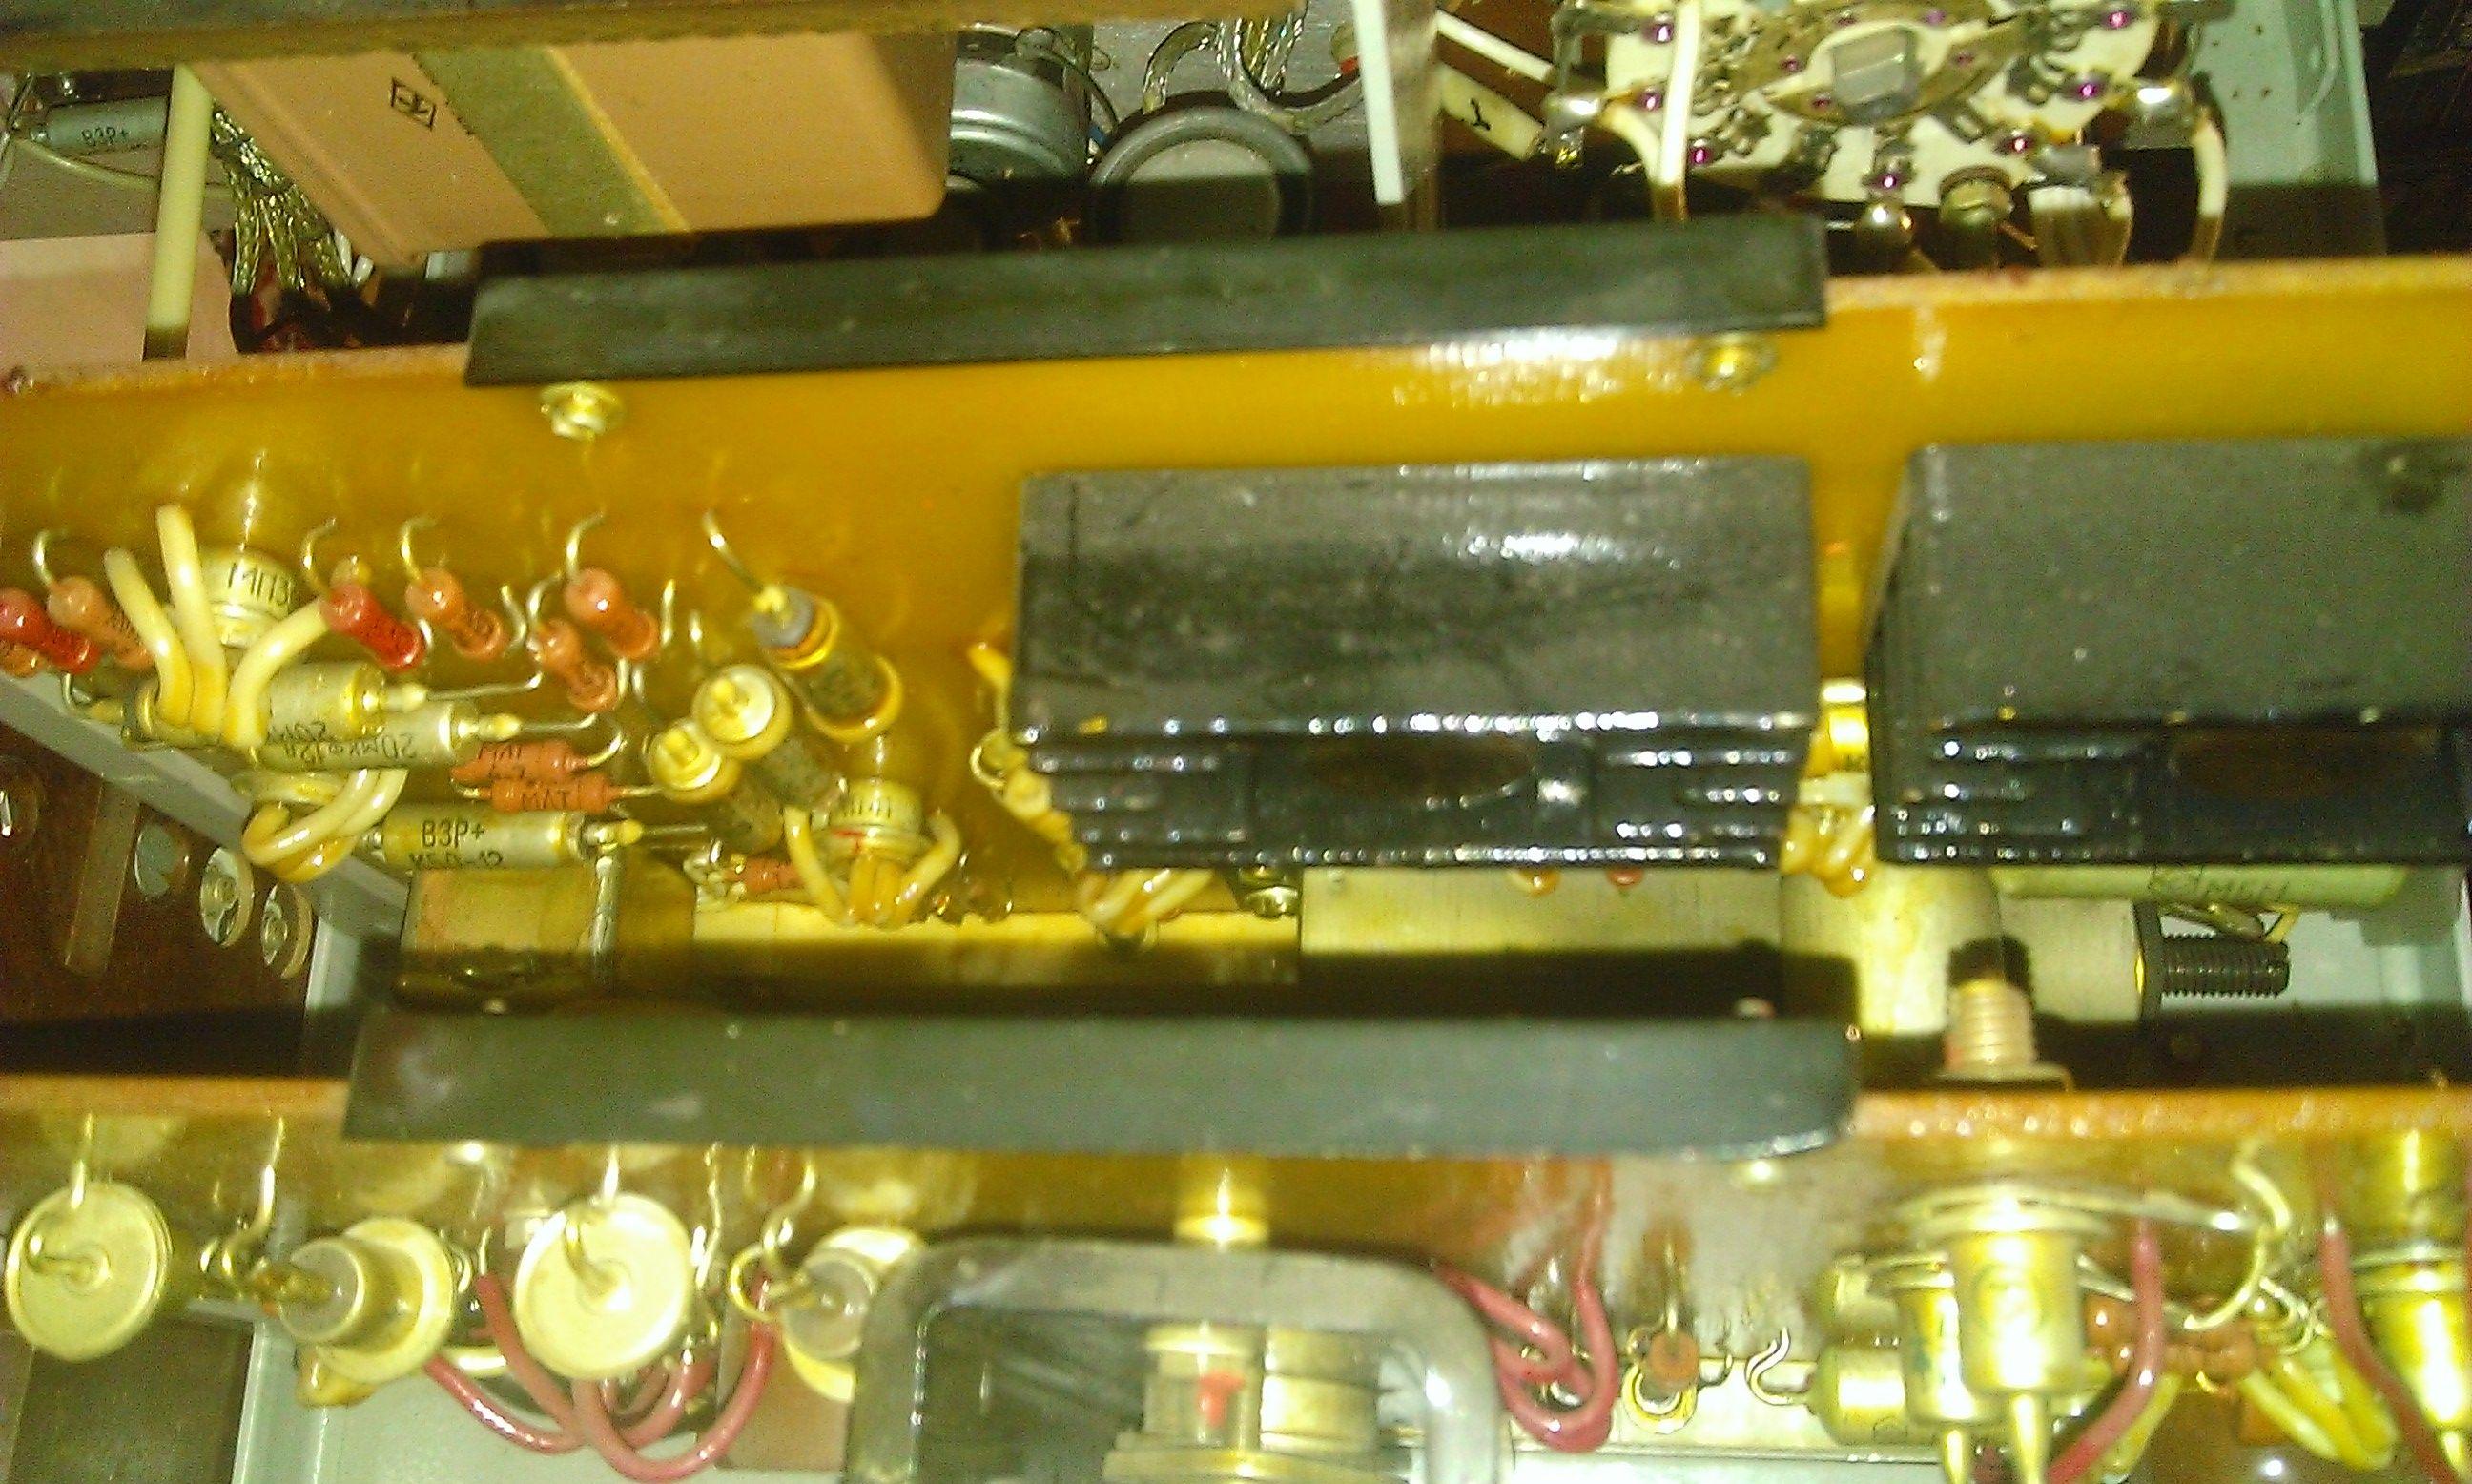 Р577 - плата блока генератора и усилителя